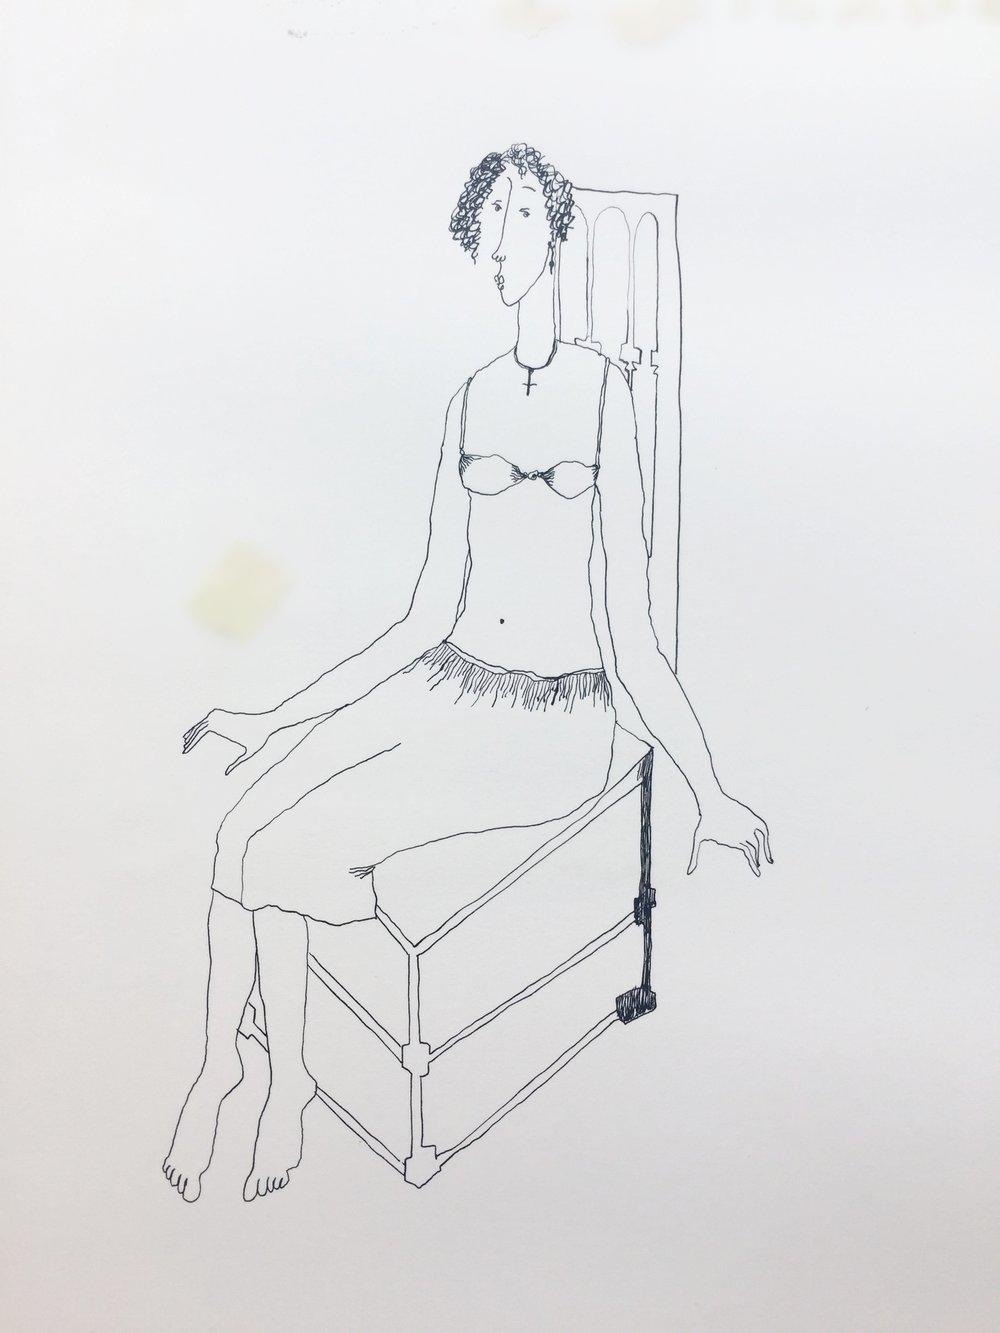 Woman in a Bra, 1988